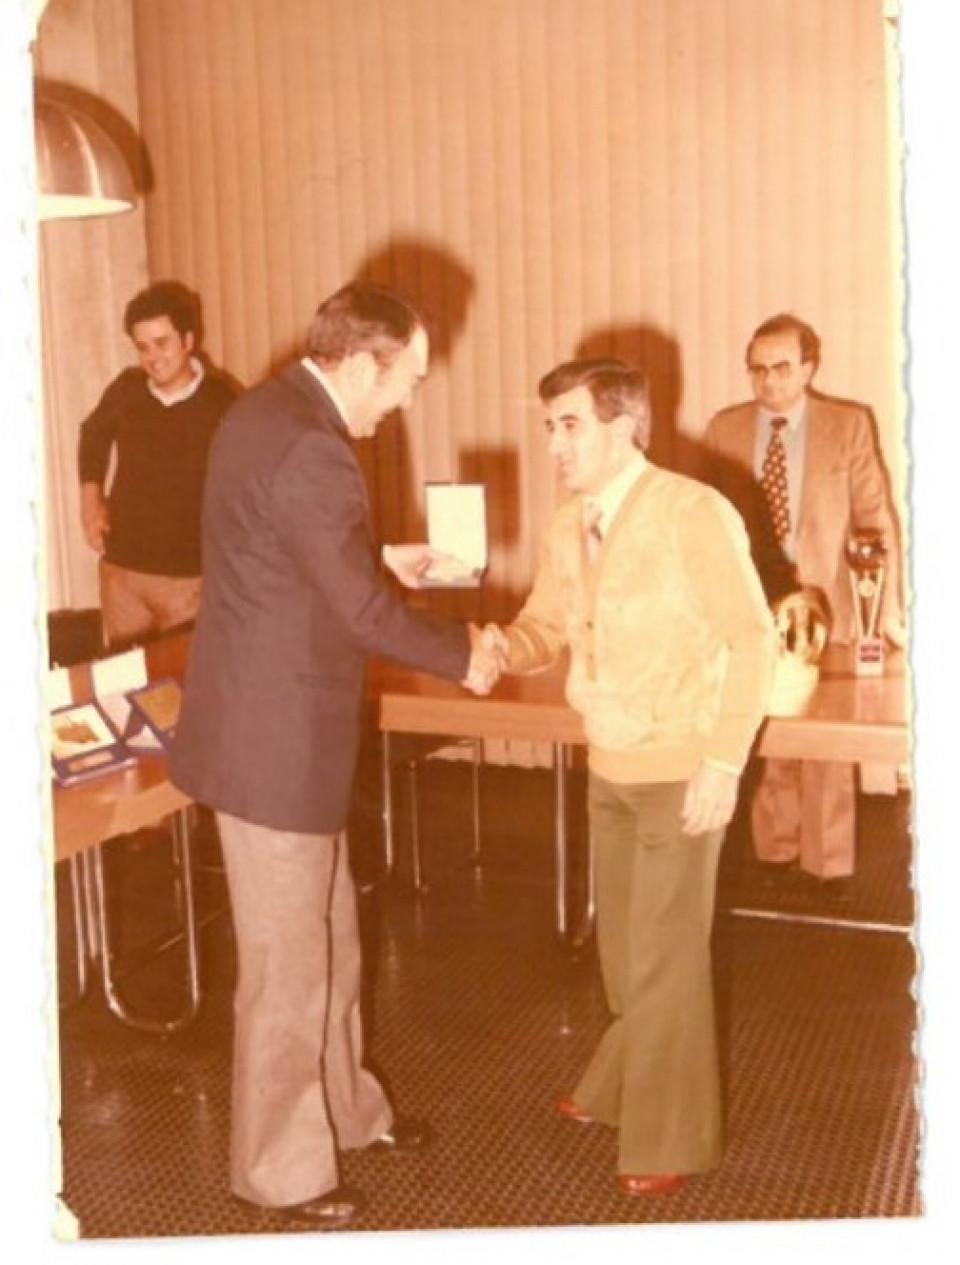 Rodolfo Girotti, Presidente dell'UP dal 1978 al 1983